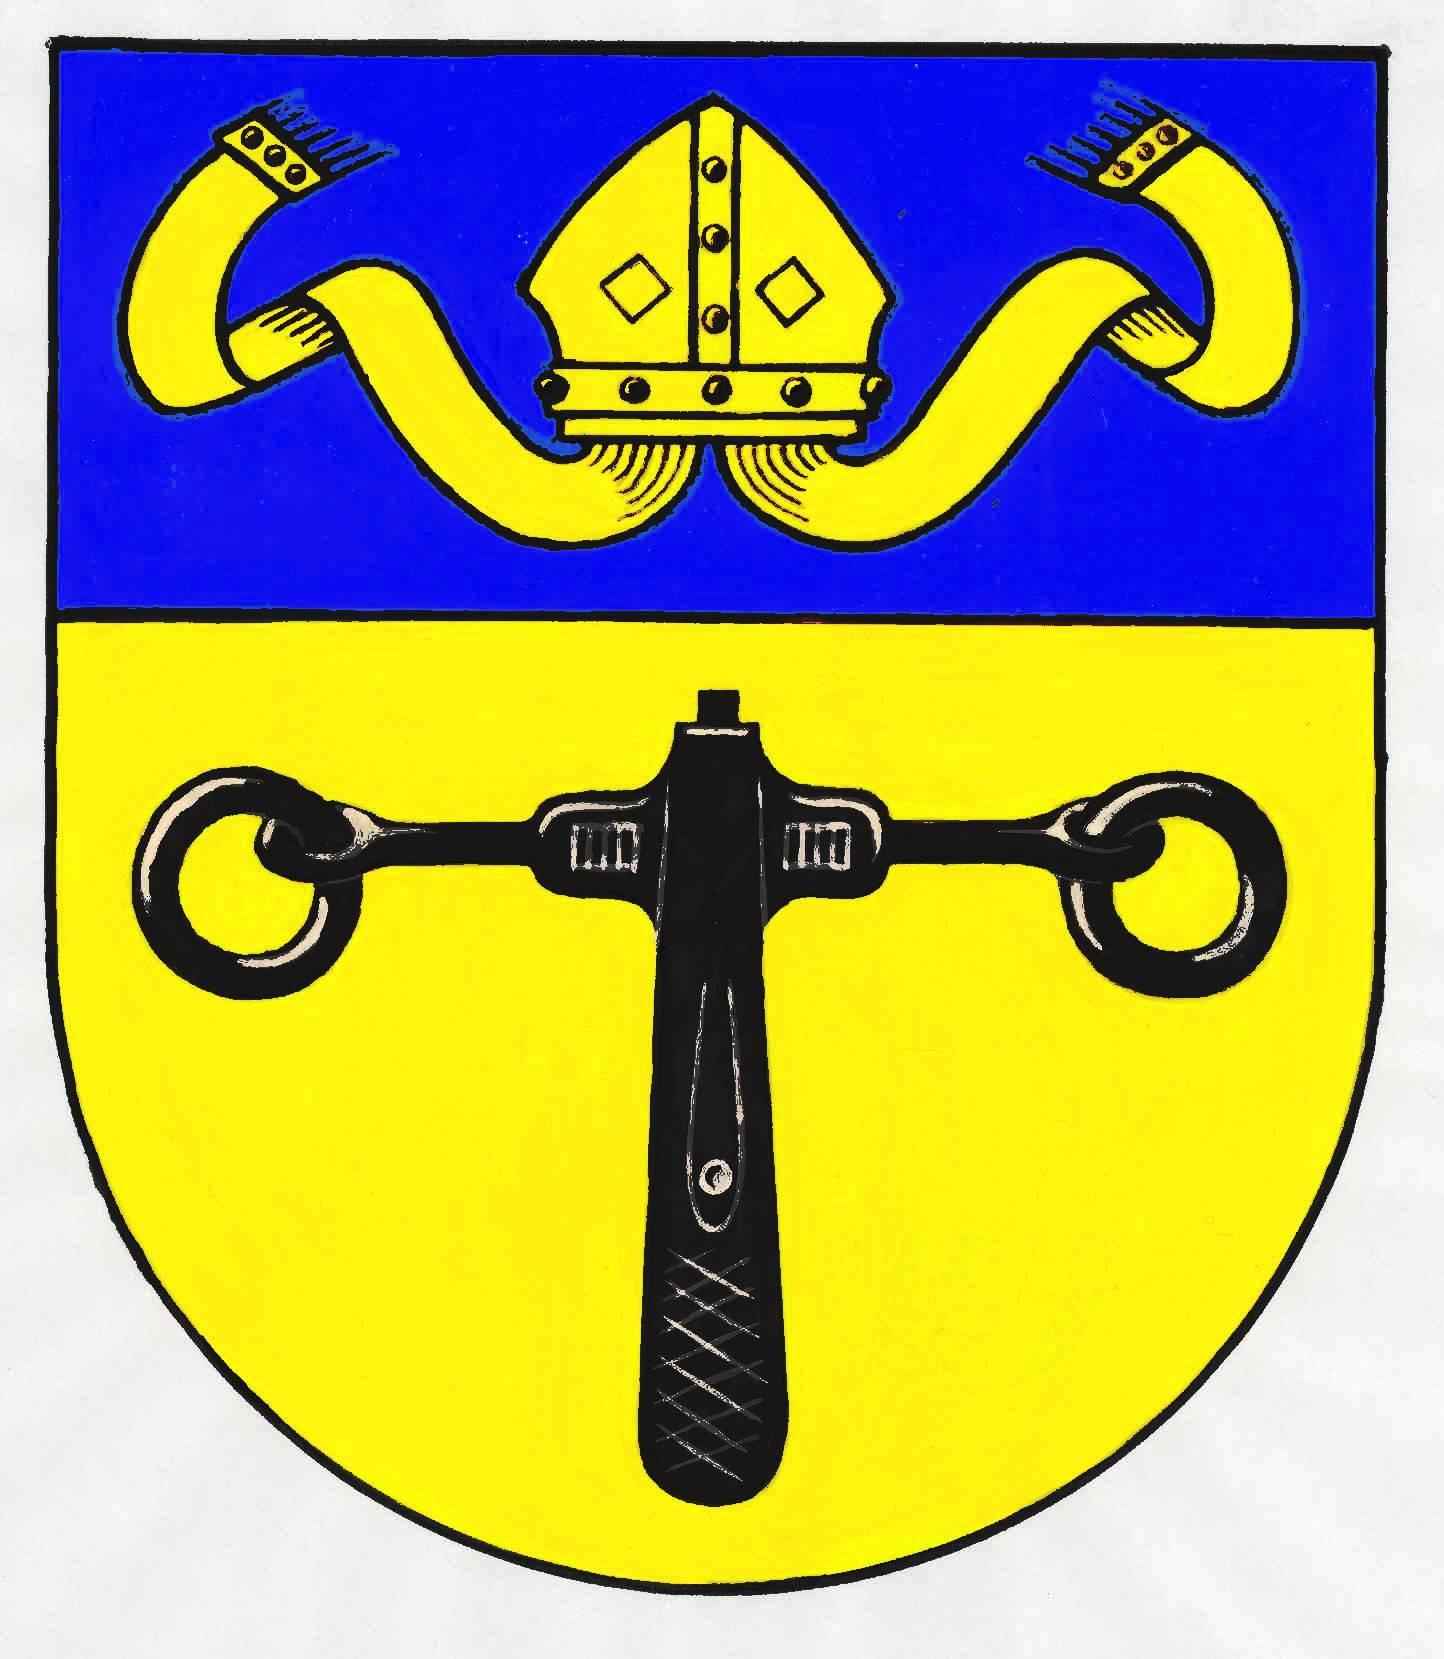 Wappen GemeindeRieseby, Kreis Rendsburg-Eckernförde